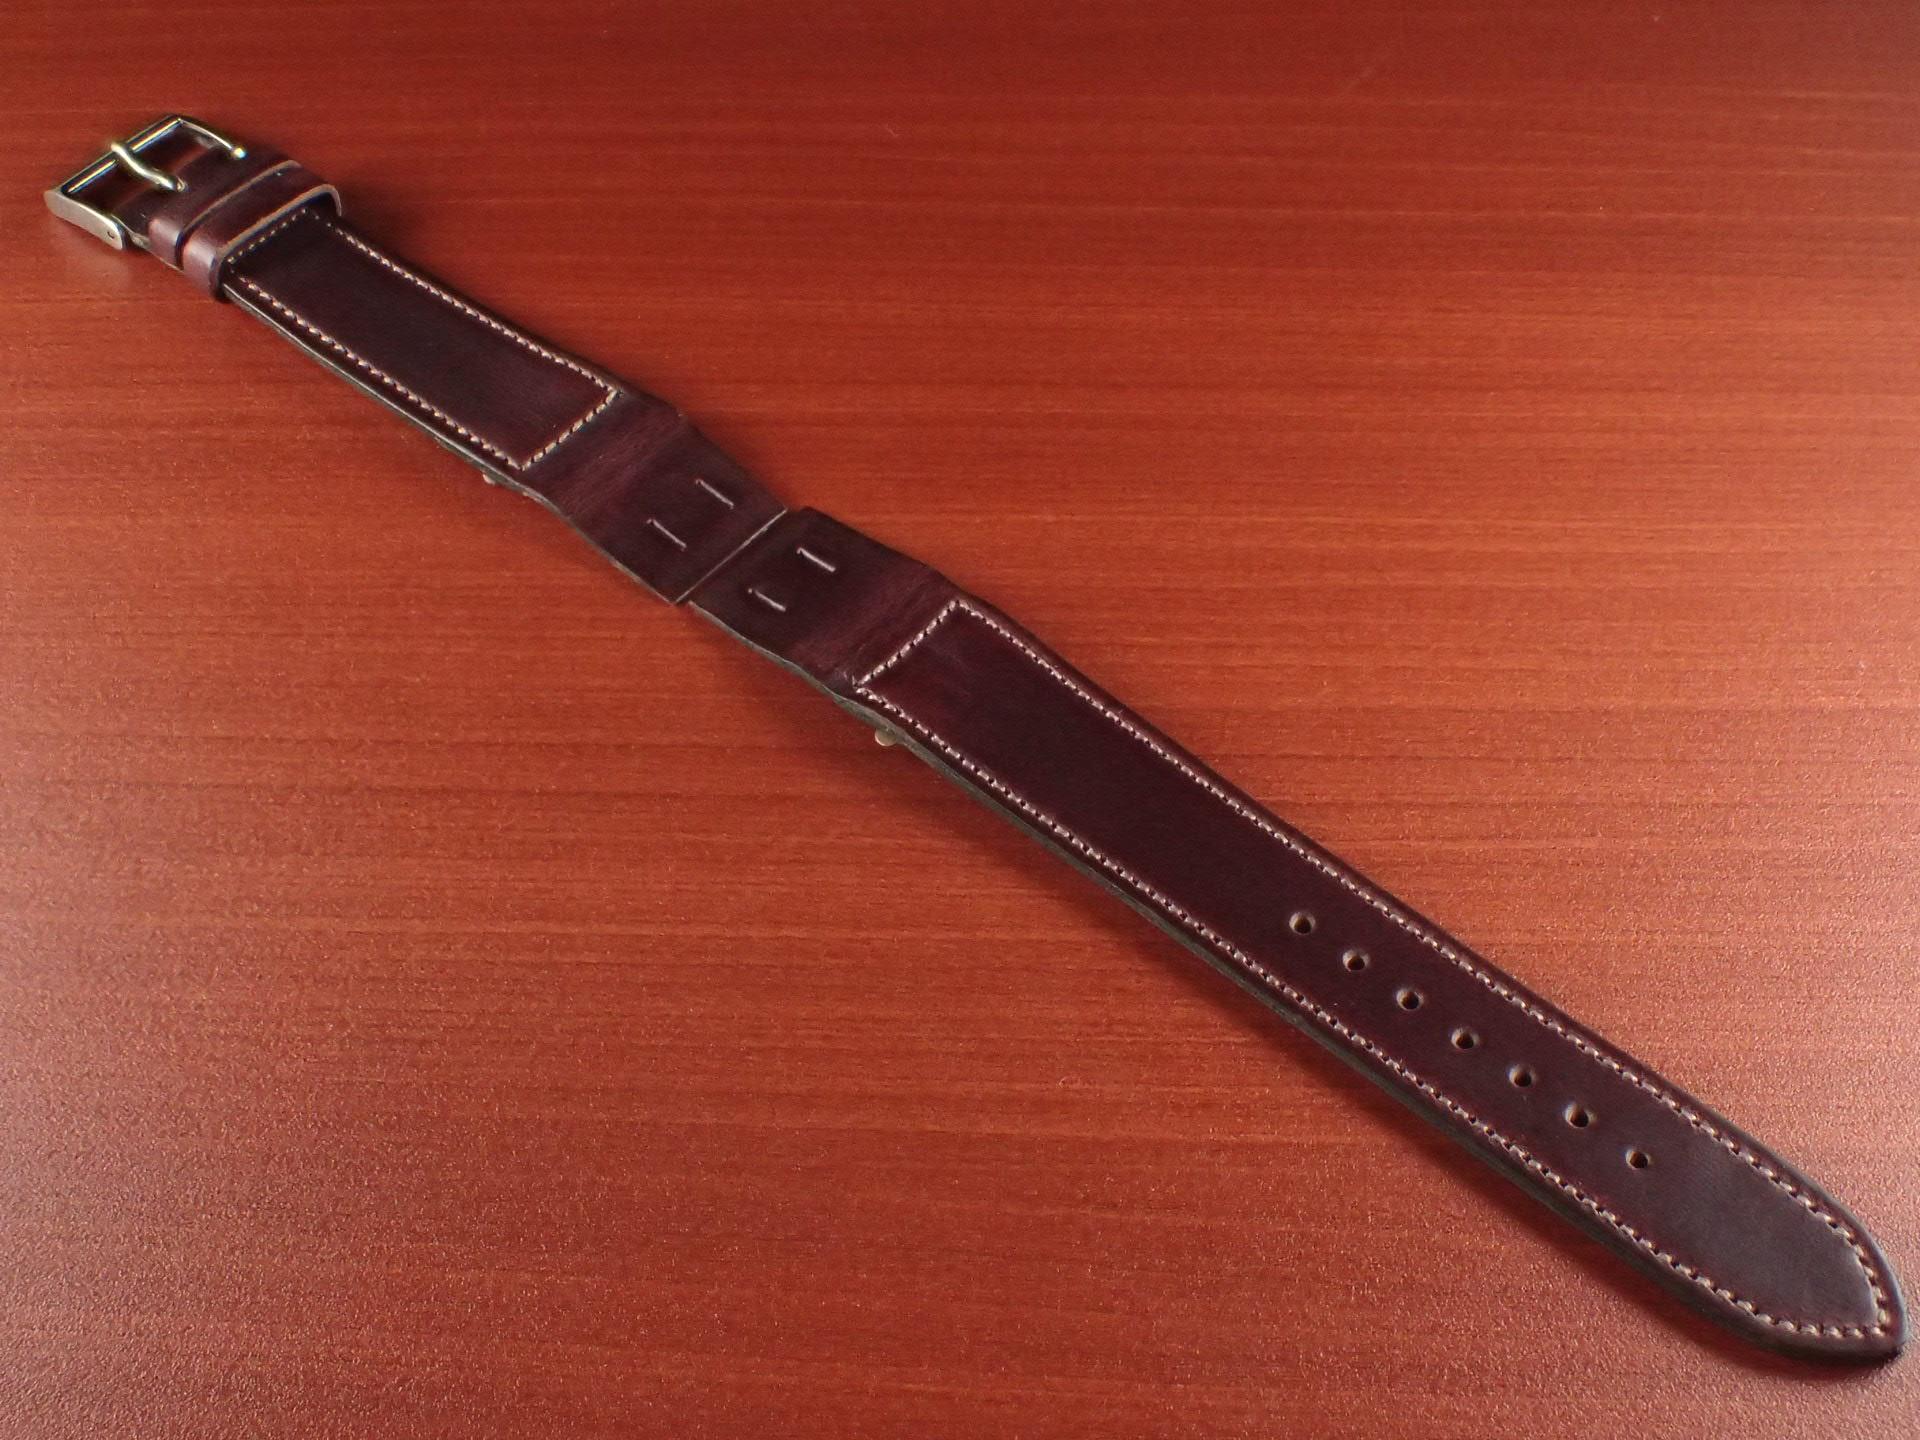 ホーウィン クロムエクセル オープンエンド バーガンディ 16、18、20mmのメイン写真